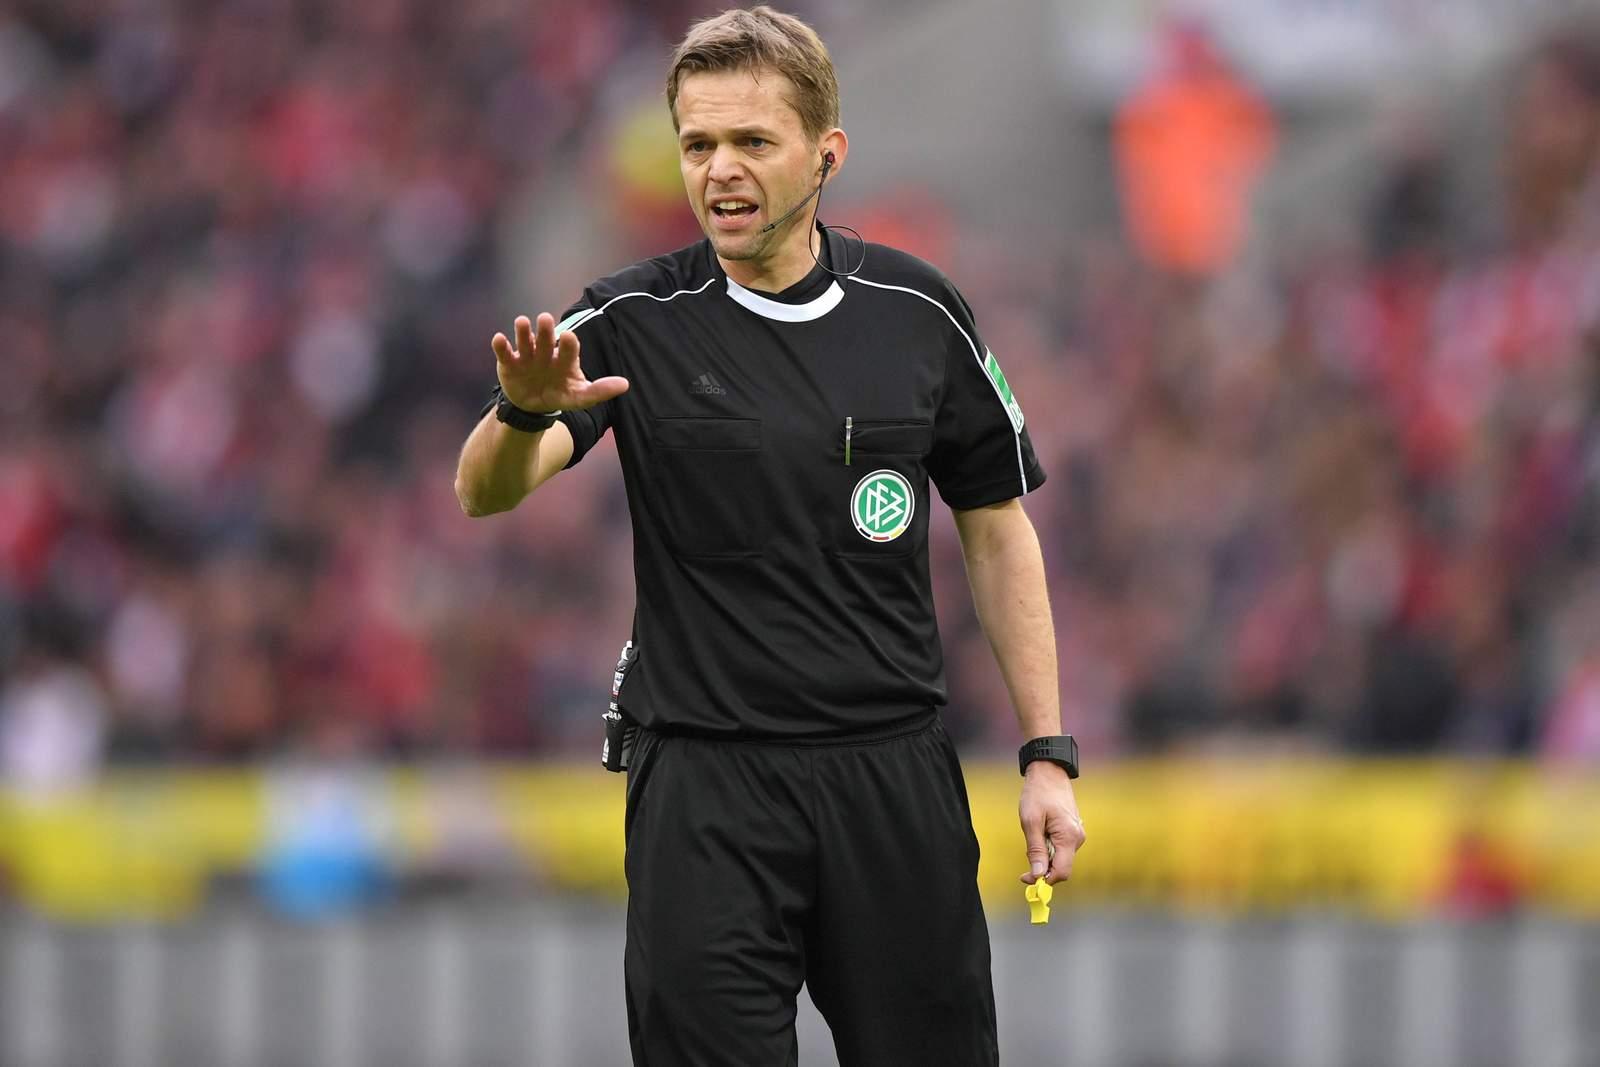 Schiedsrichter Jochen Drees beim Spiel der 3. Liga